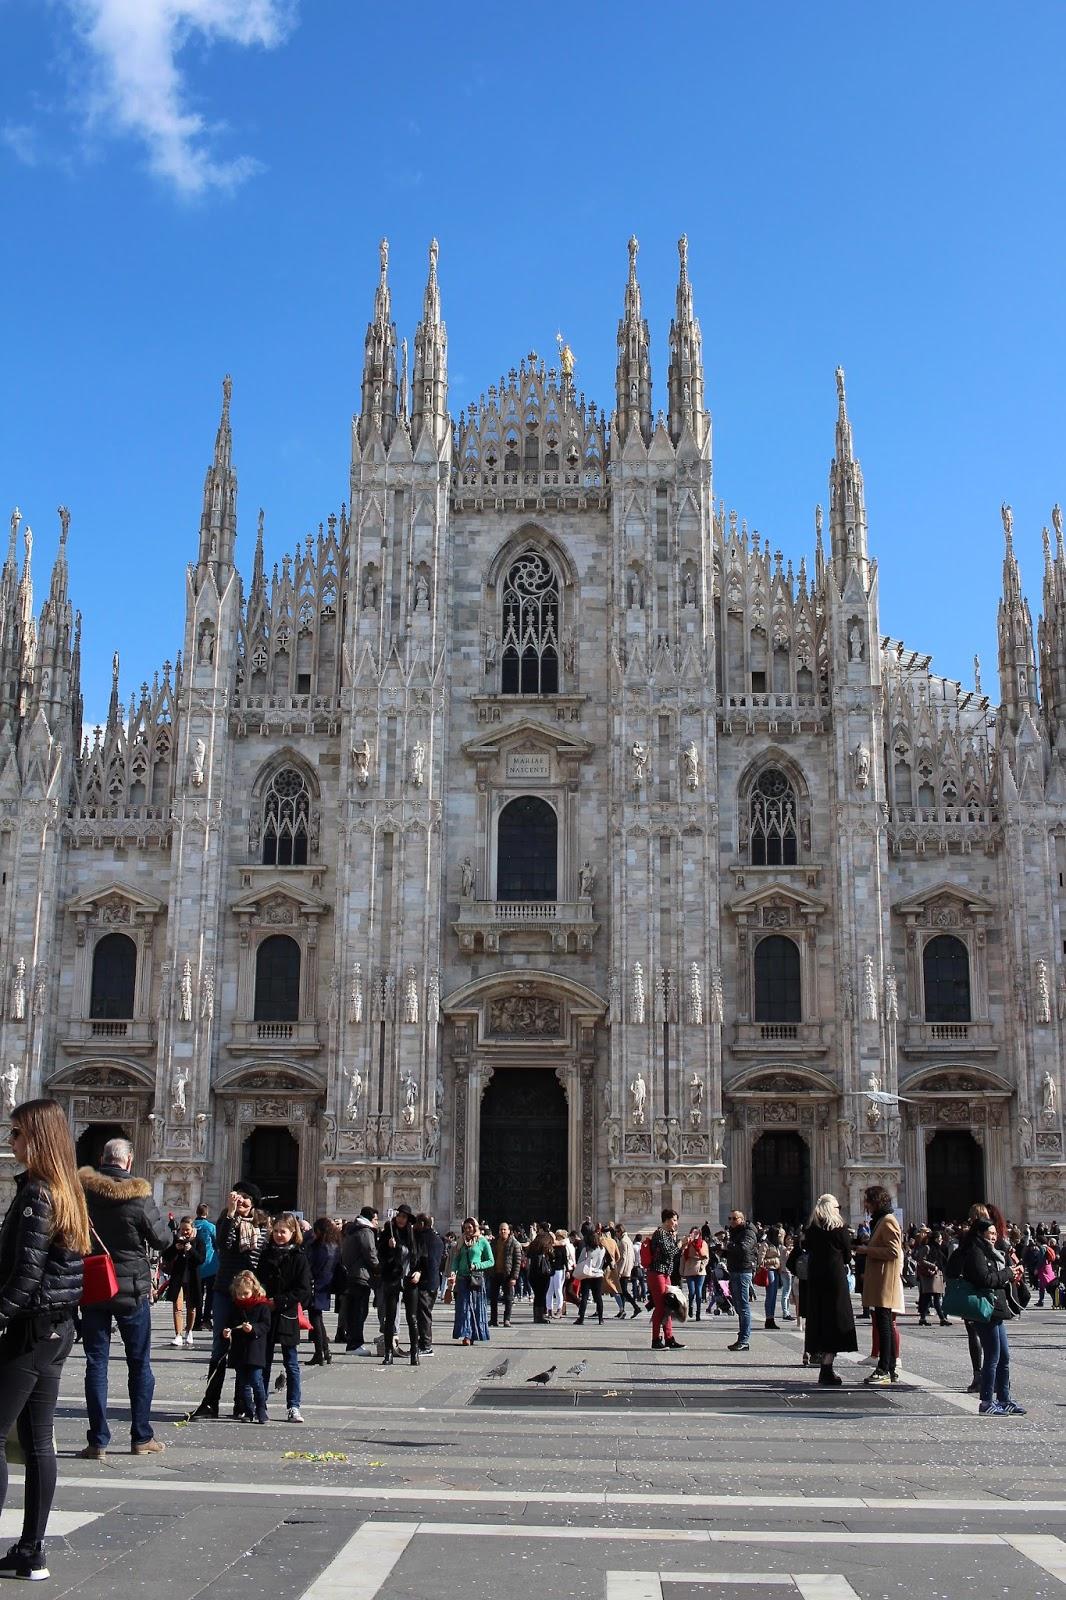 duomo milan italy peexo travel blogger